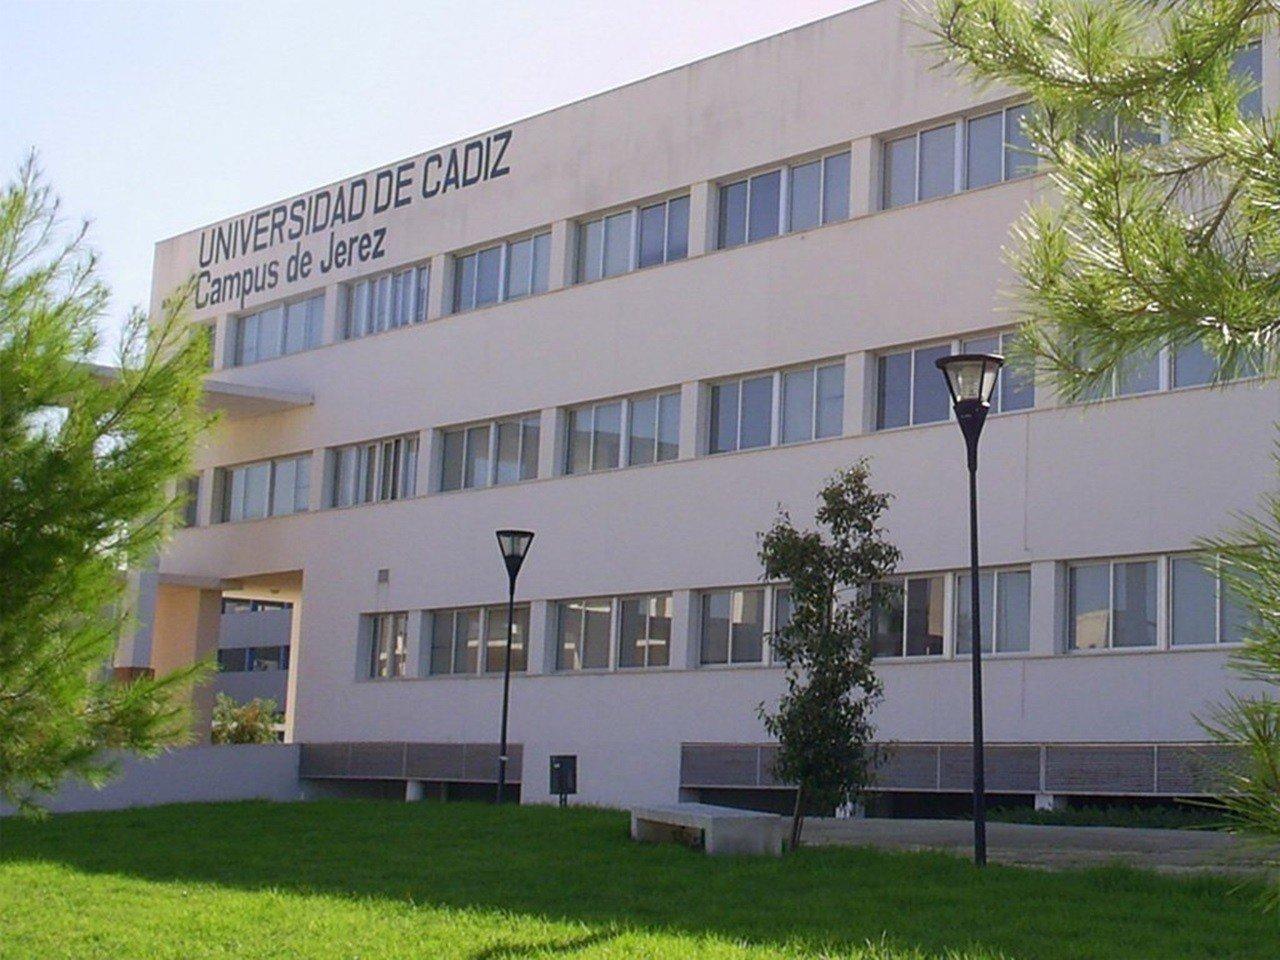 Đại học Càdiz